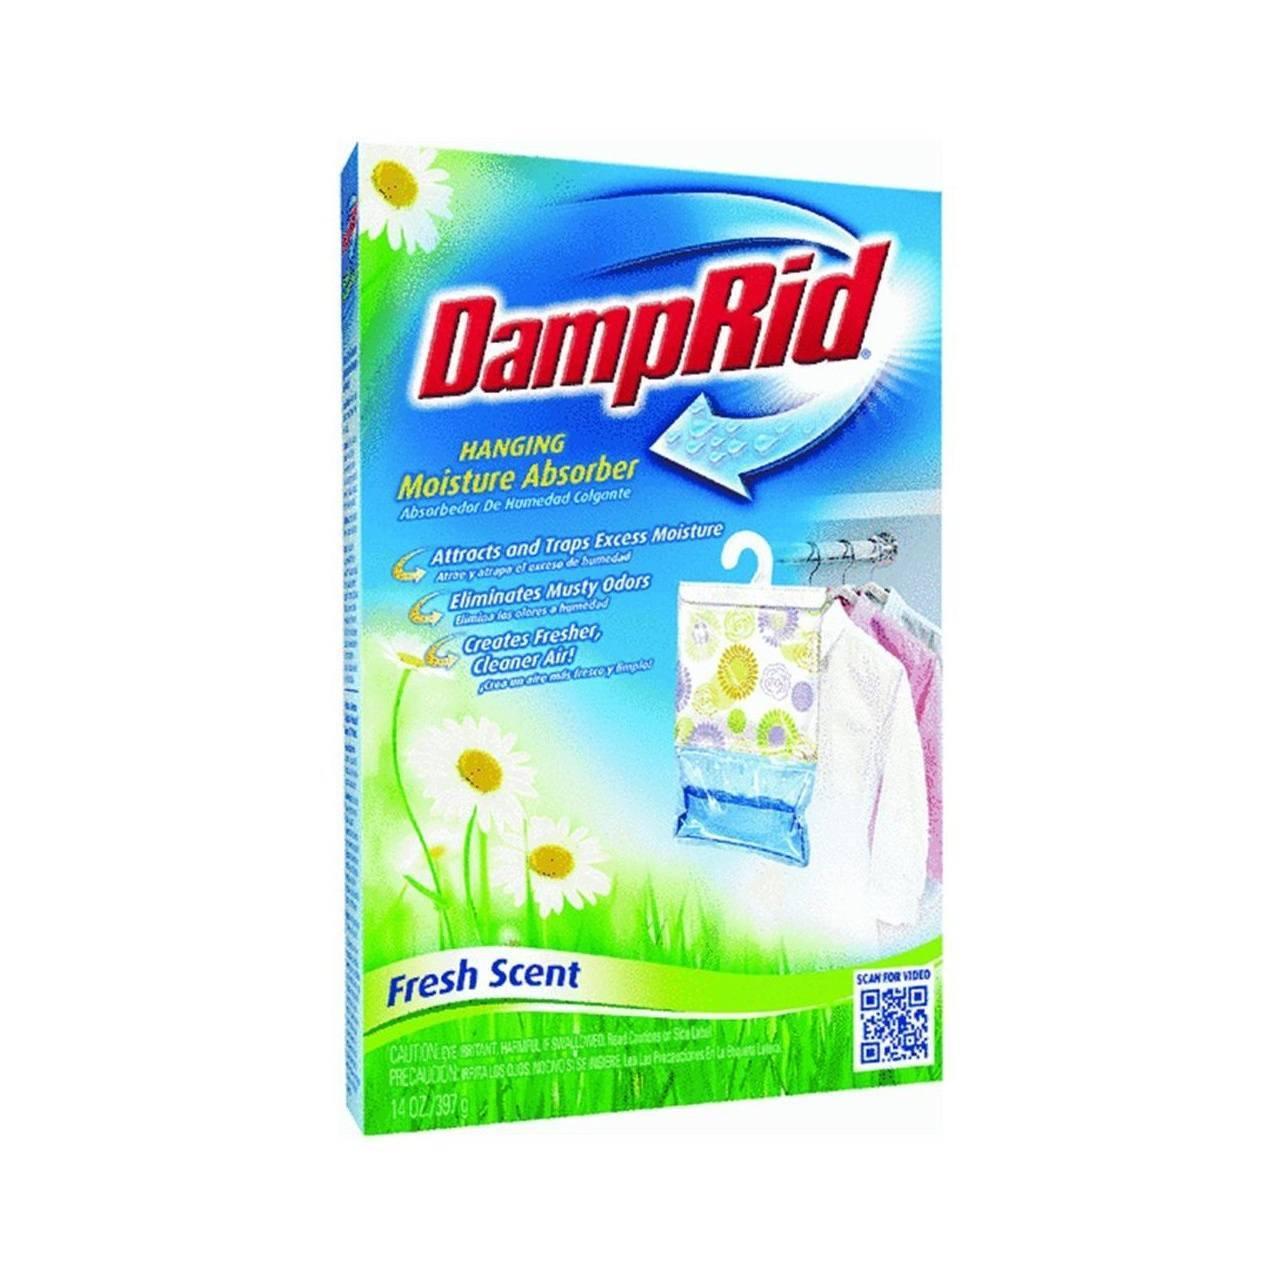 DampRid Hanging Moisture Absorber Fresh Scent, 14oz (Pack...